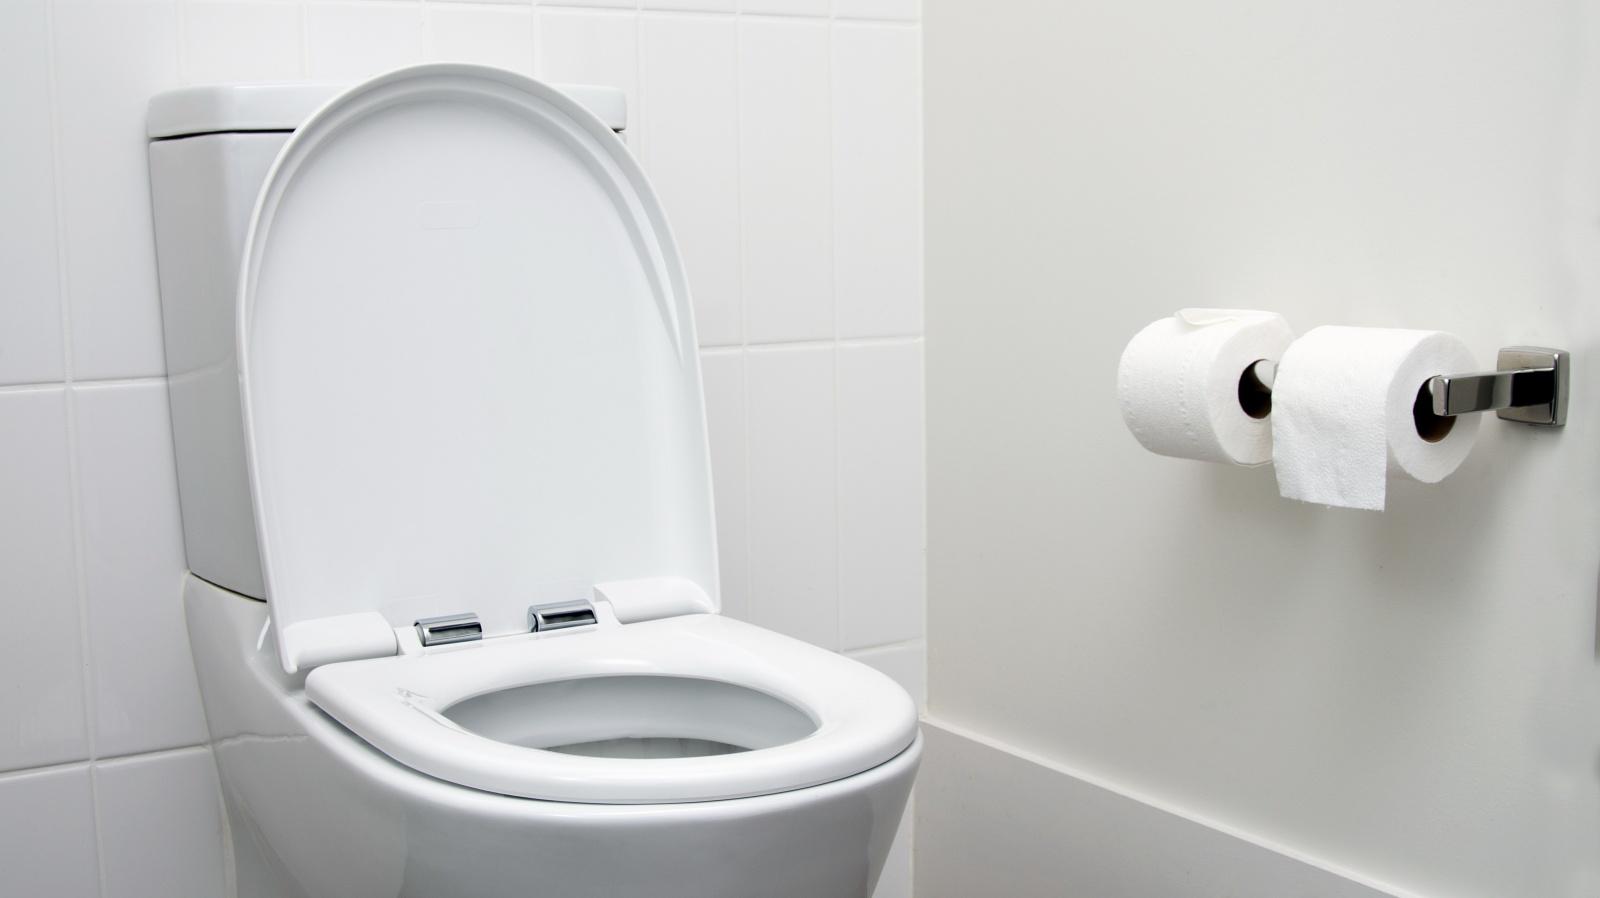 Facebook заставляет модераторов документировать своё рабочее время с точностью до секунды — даже походы в туалет - 1